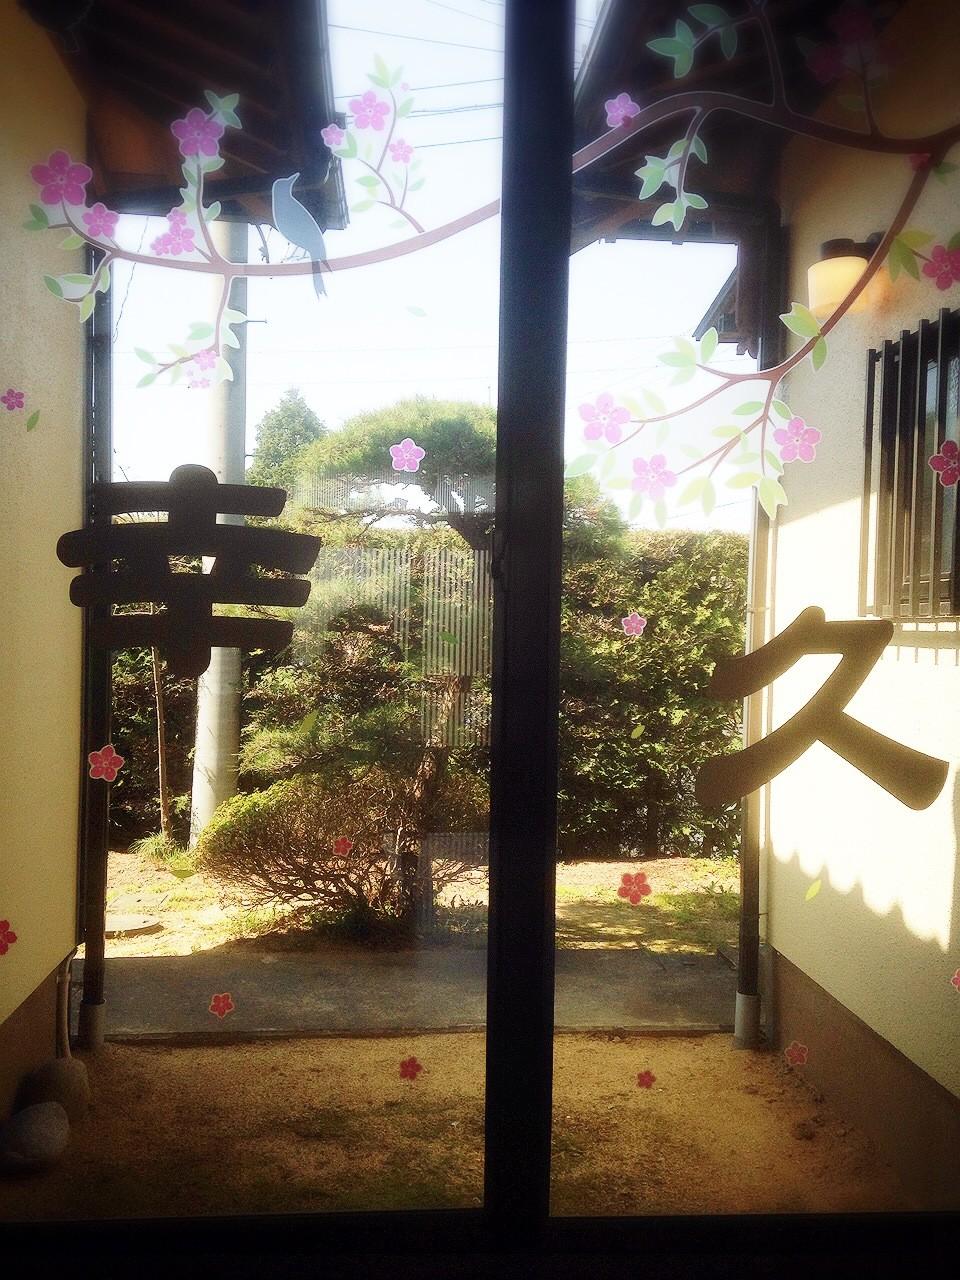 玄関から立派な松の木が見える景色が広がります